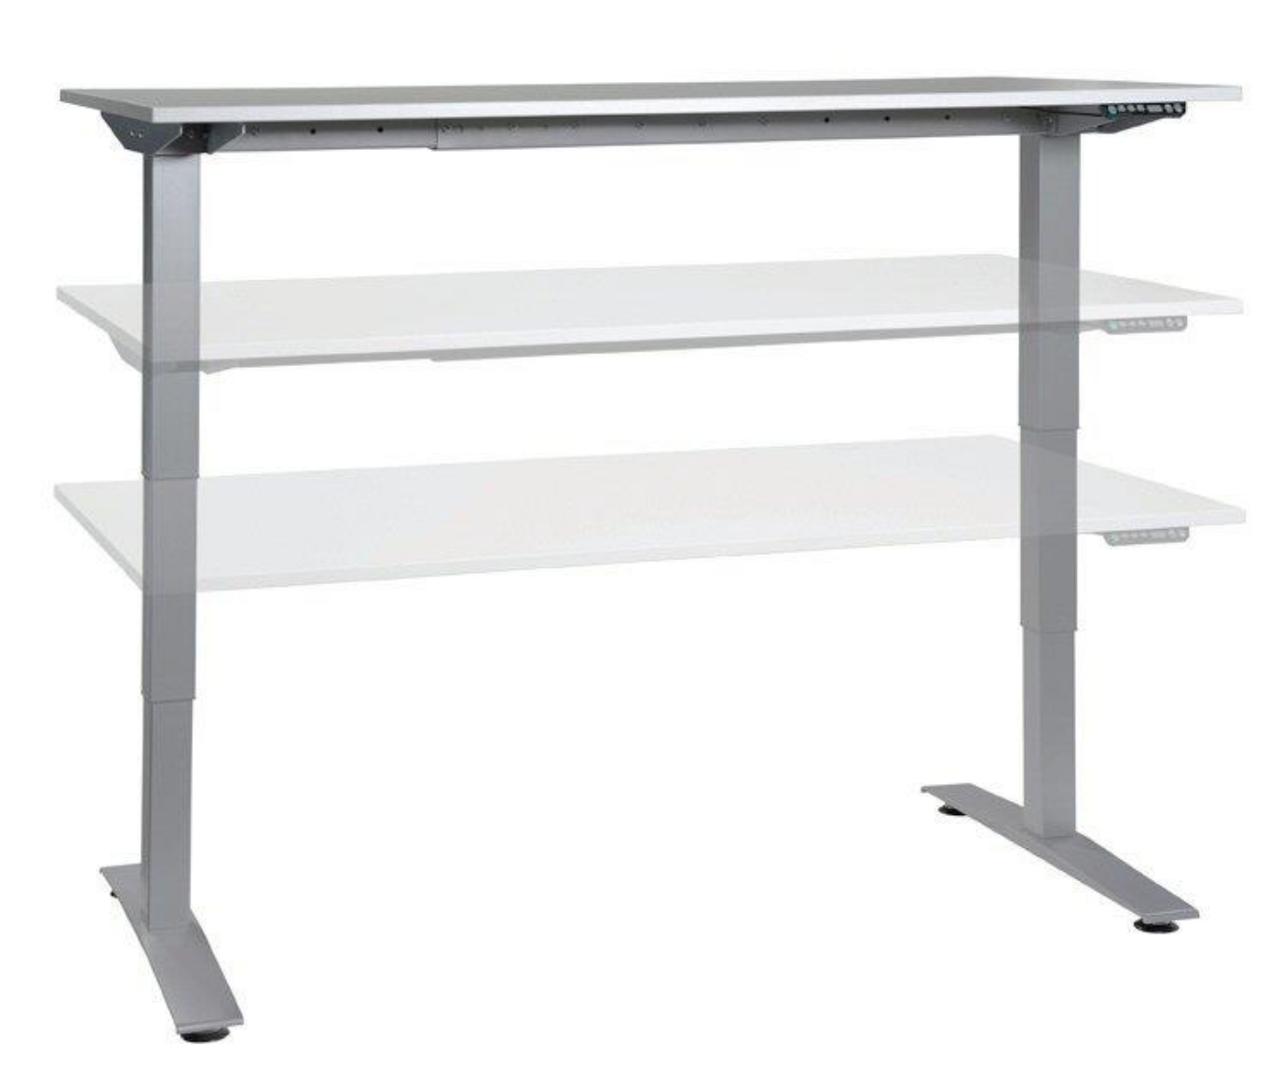 Suspa ELS3 500 Эргономичный стол для работы стоя и сидя регулируемый по высоте электроприводом